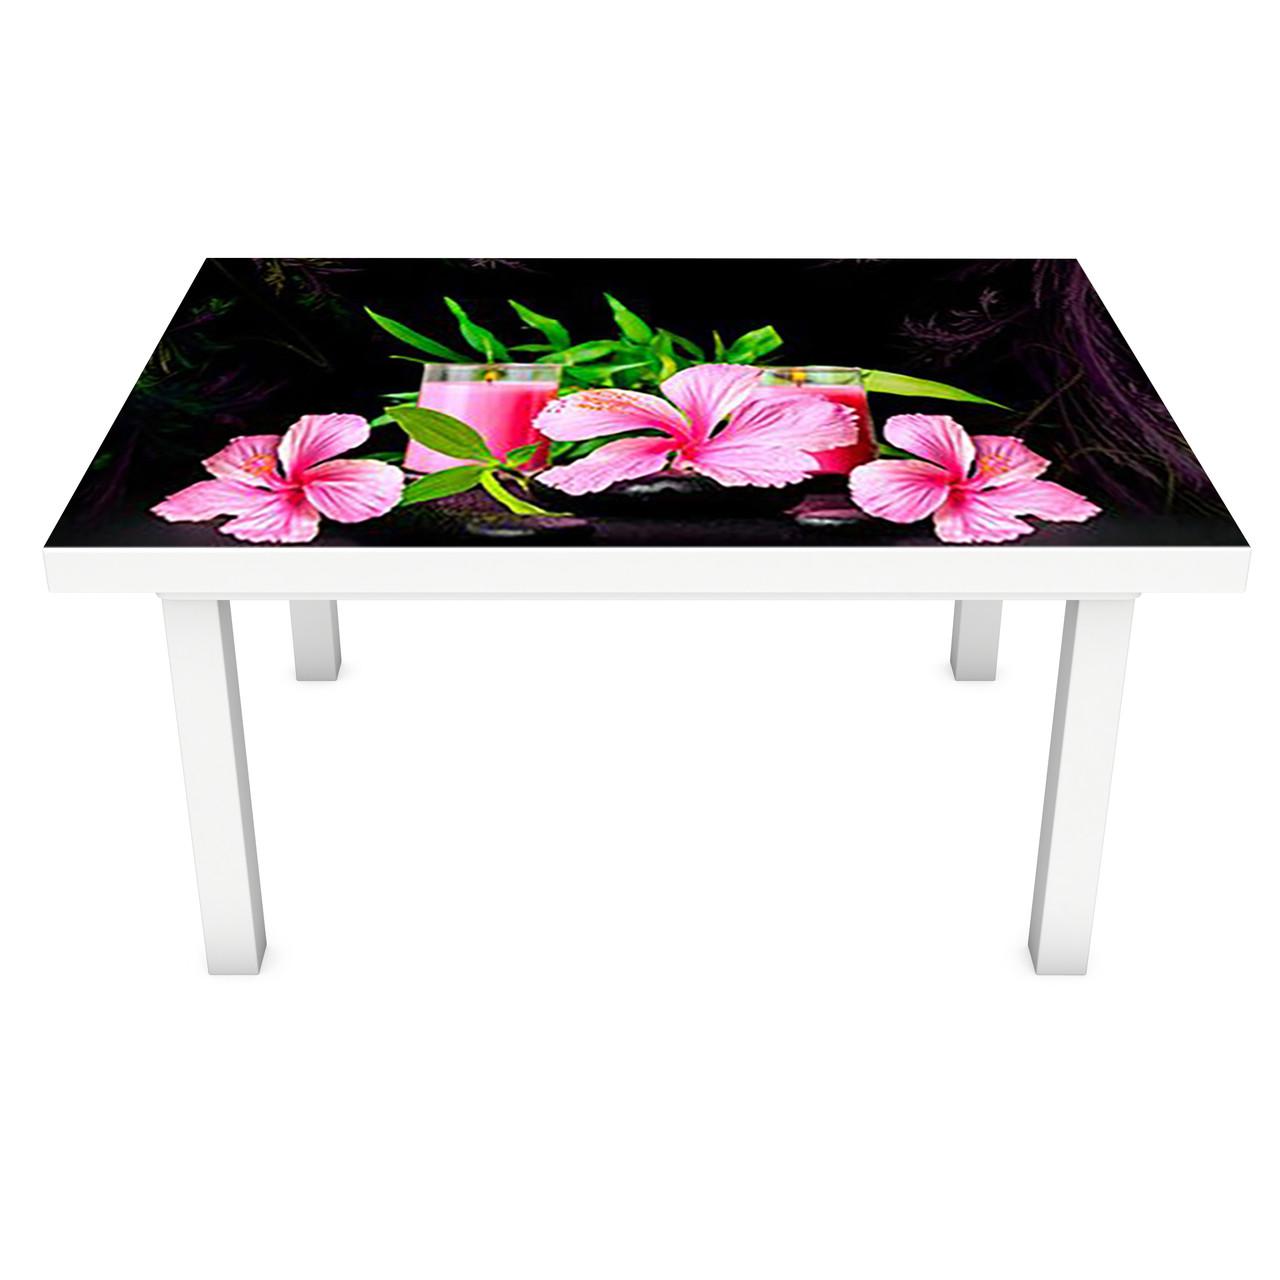 Виниловая наклейка на стол Розовый Гибискус (интерьерная ПВХ пленка для мебели) цветы на Черном фоне 600*1200 мм